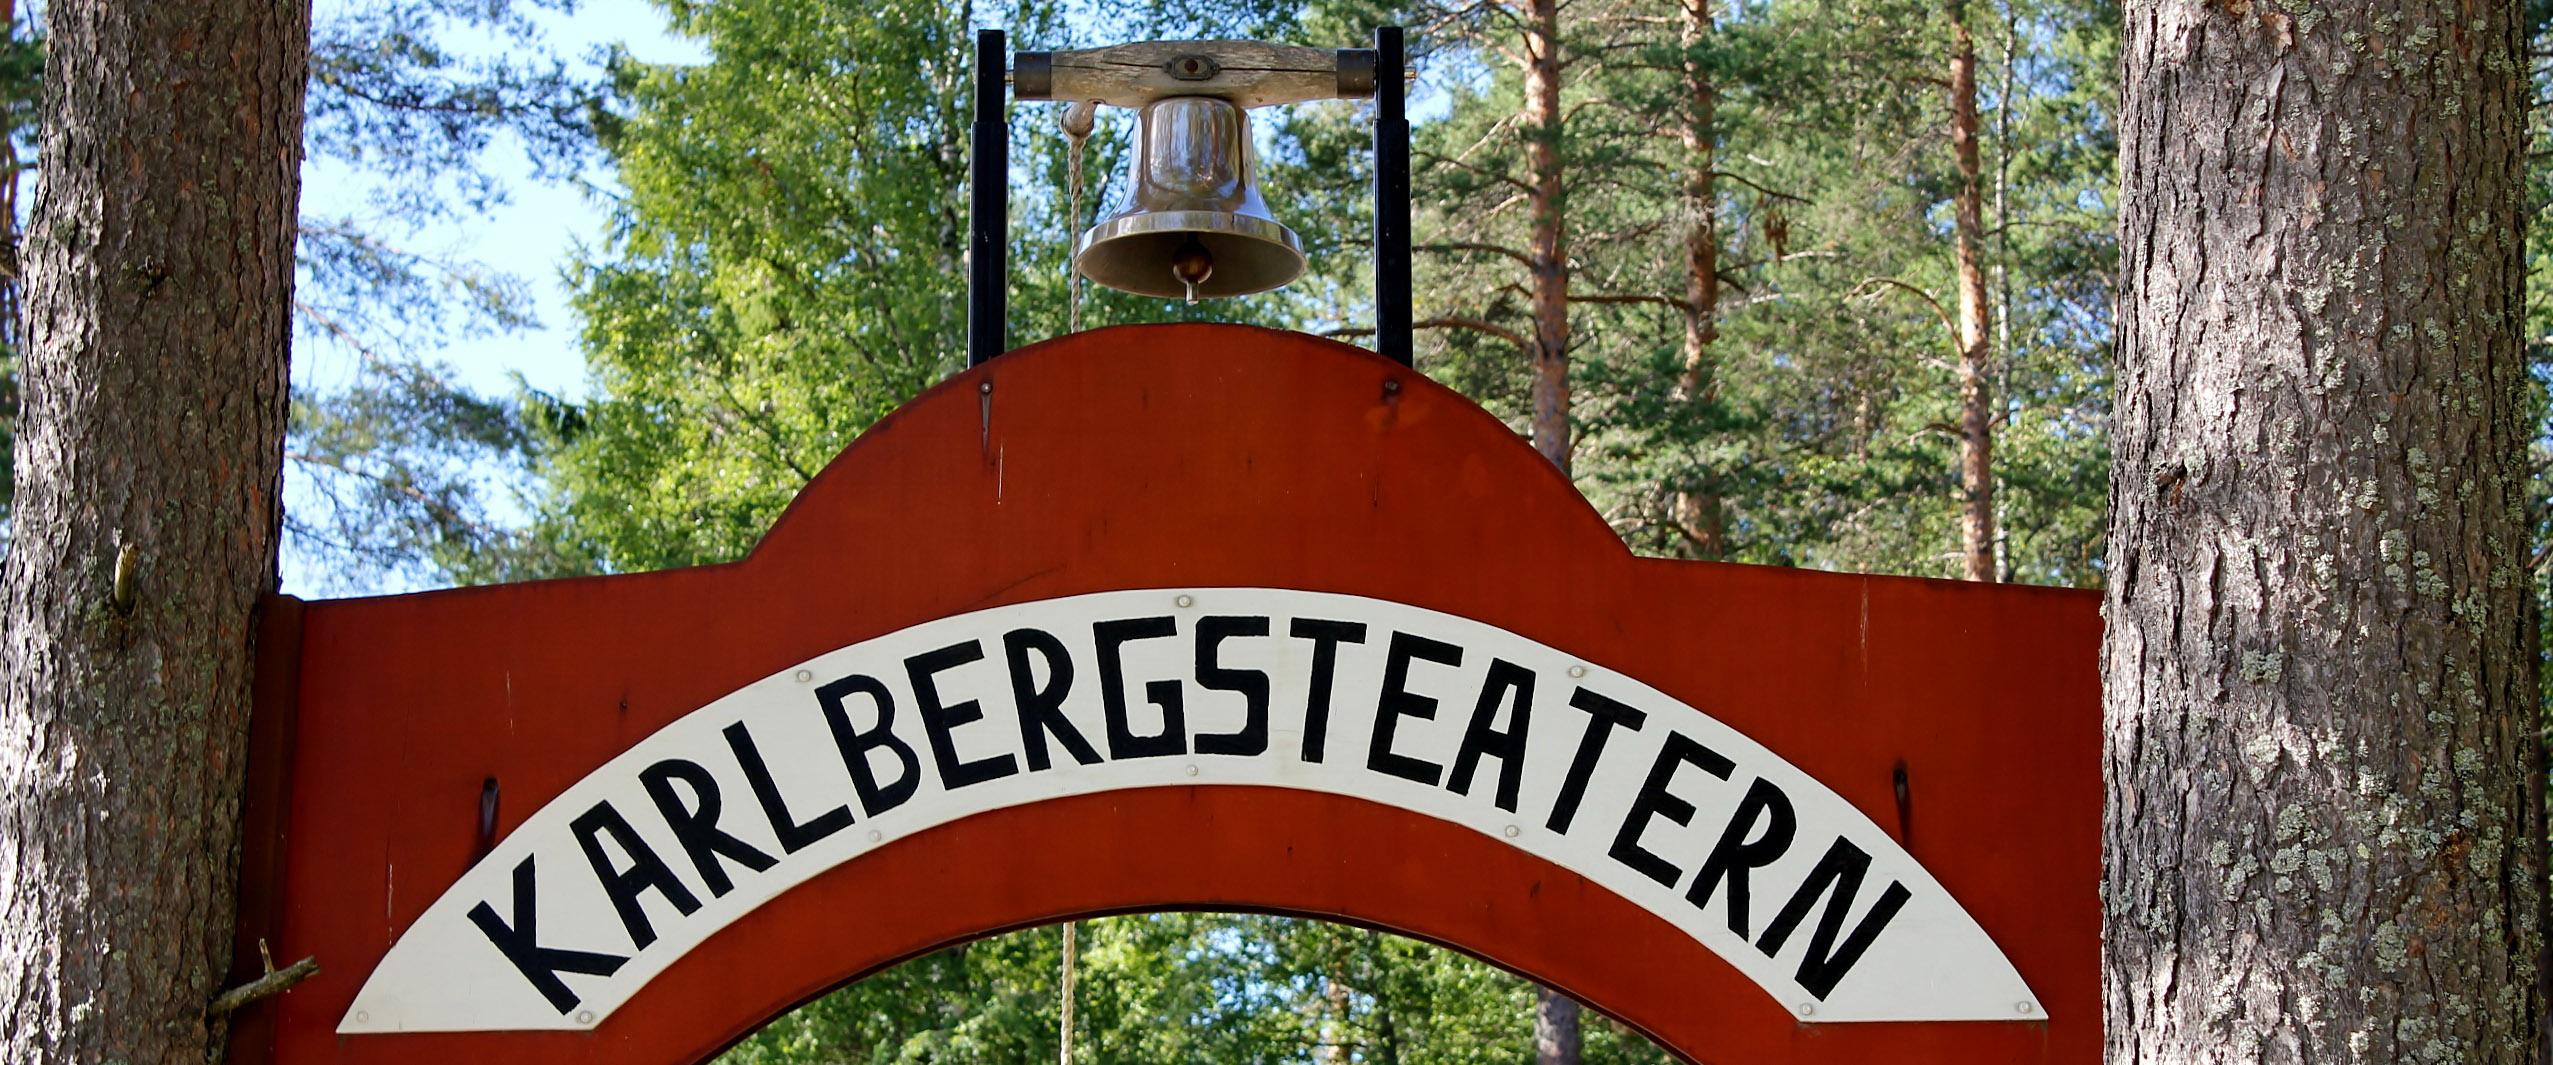 Karlberg_StinaEriksson2 1170x488